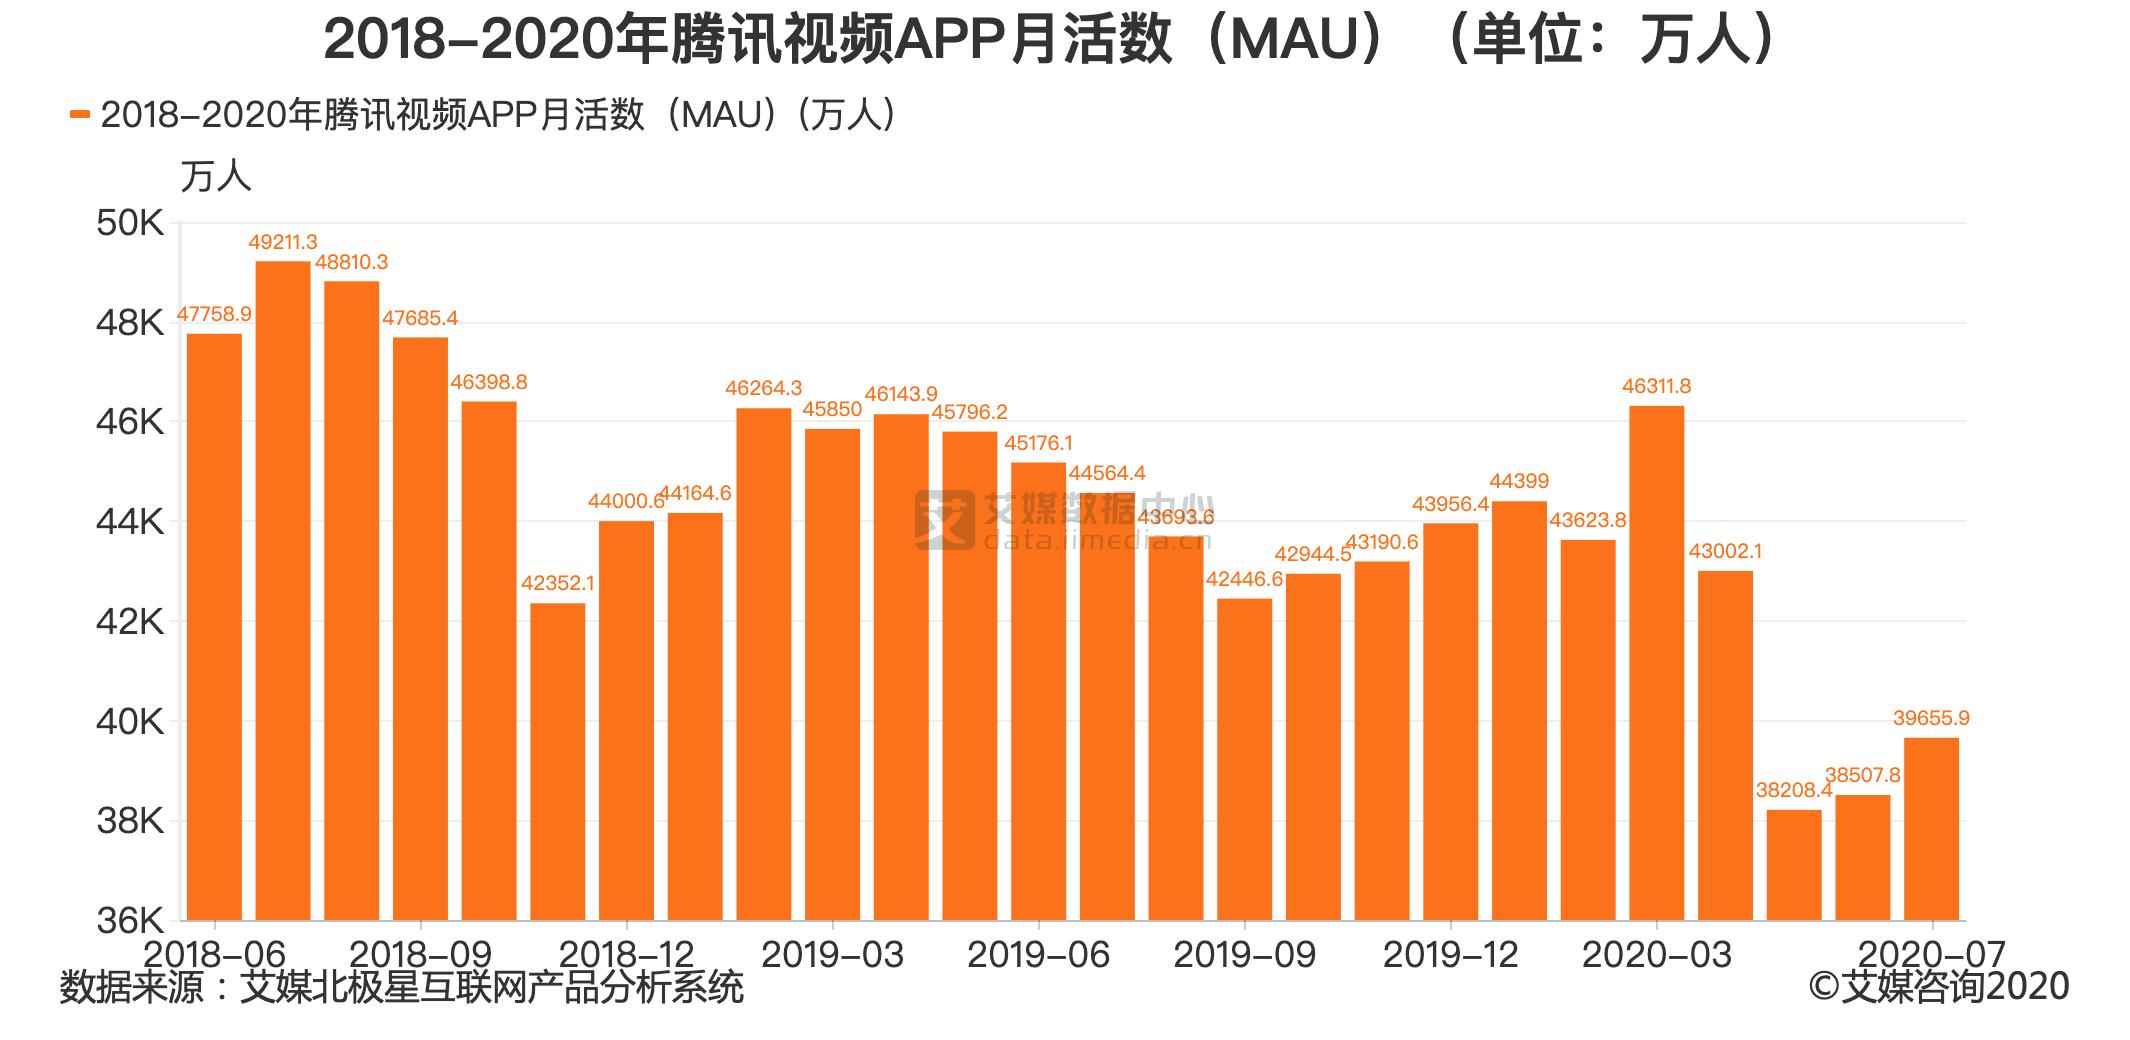 2018-2020年腾讯视频APP月活数(MAU)(单位:万人)